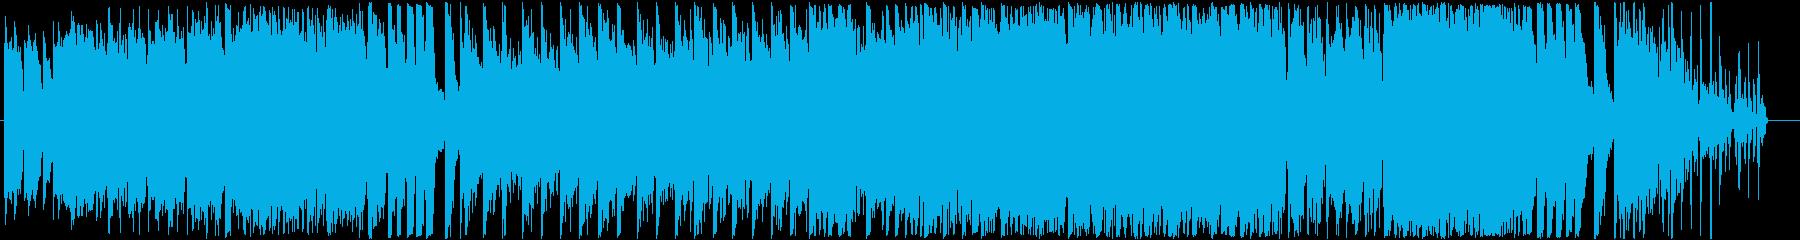 バッハの有名な協奏曲をEDMにしましたの再生済みの波形